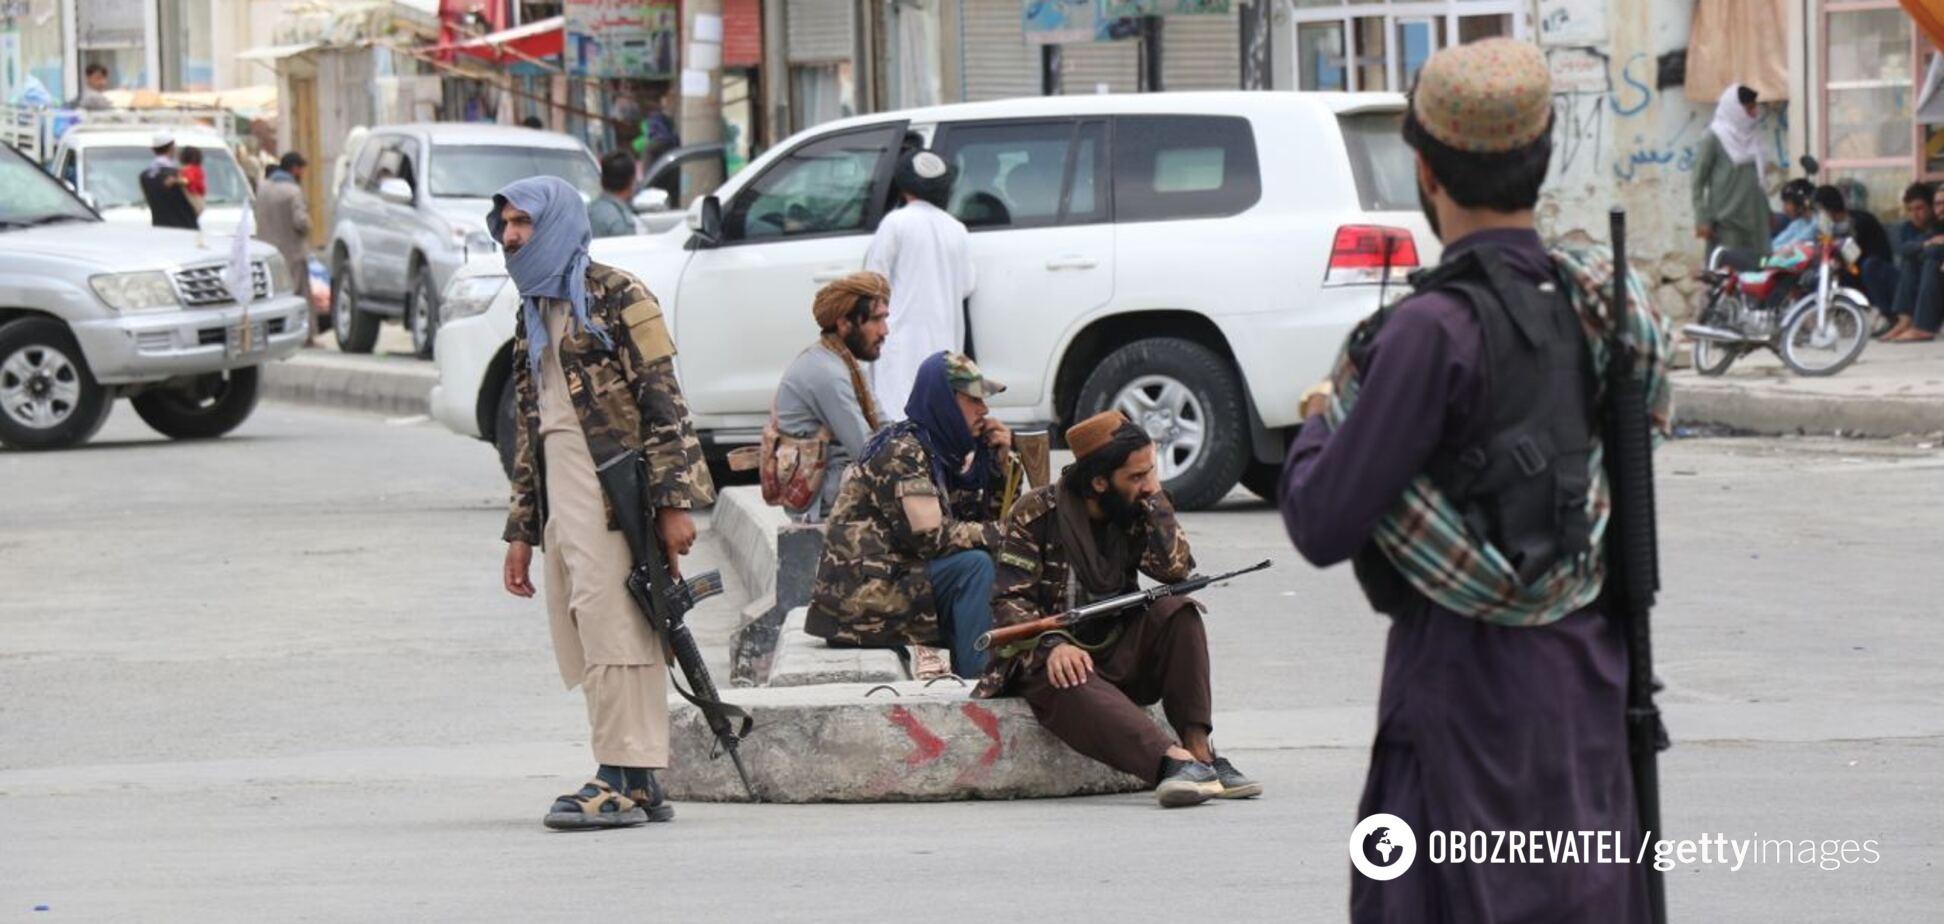 Цены растут, магазины закрываются: Афганистану грозит экономический коллапс, талибы ввели жесткие запреты